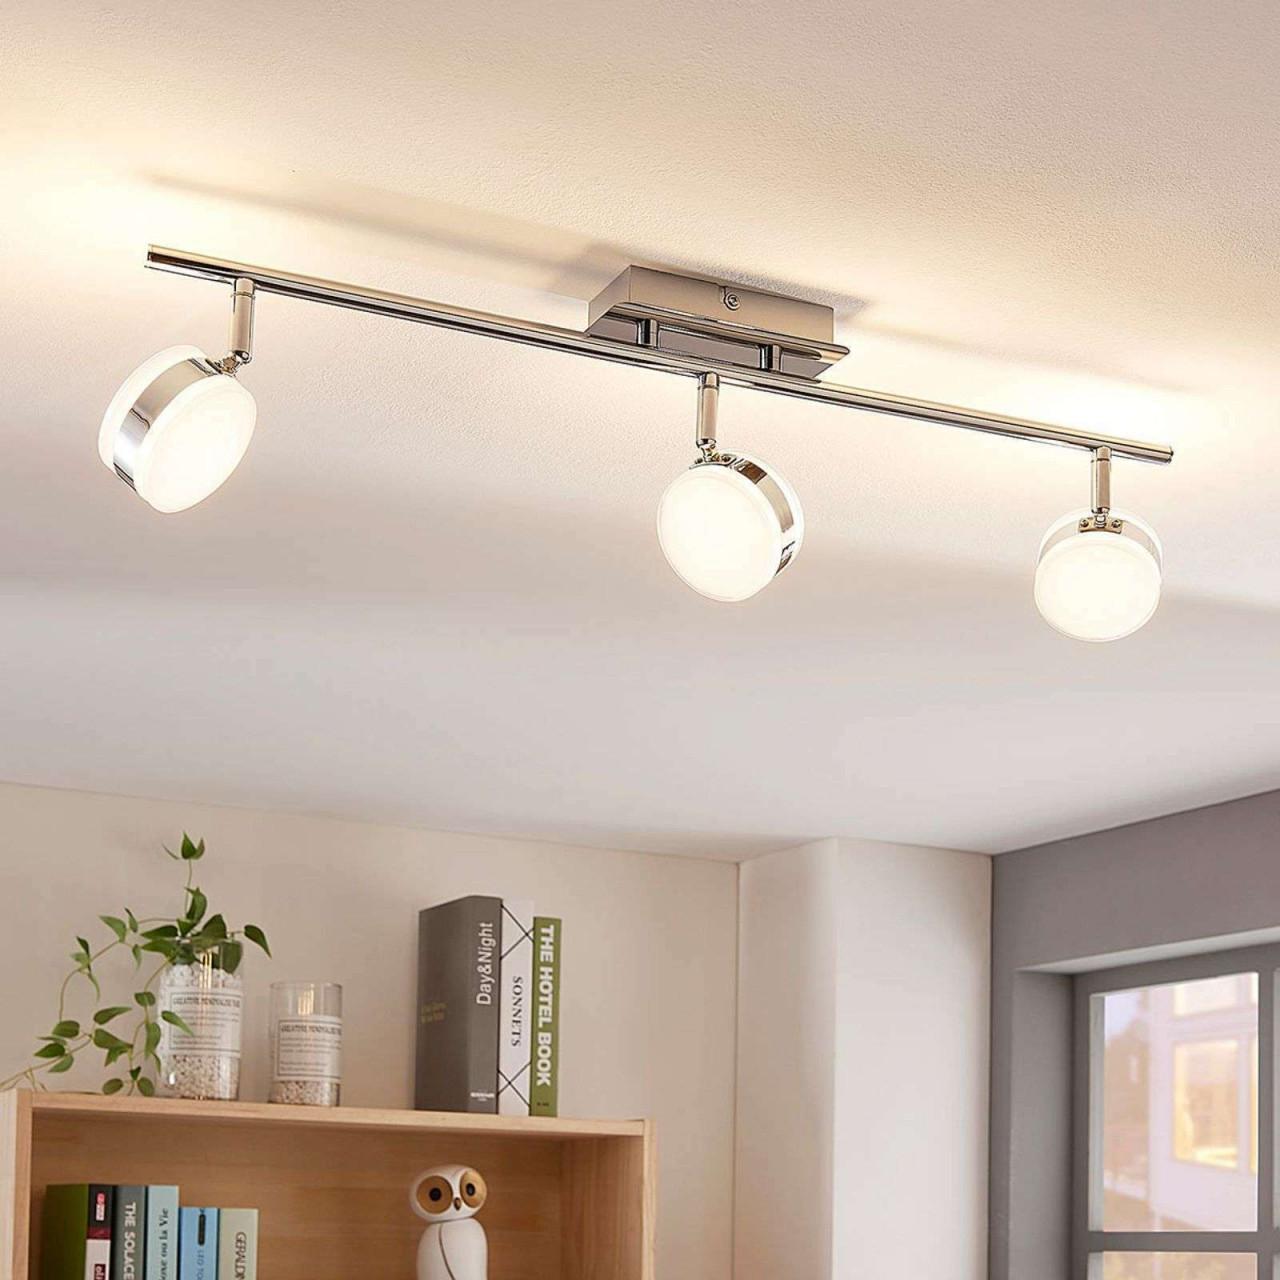 Innenbeleuchtung Küche Haushalt  Wohnen Strahler Modern von Wohnzimmer Lampe Led Photo